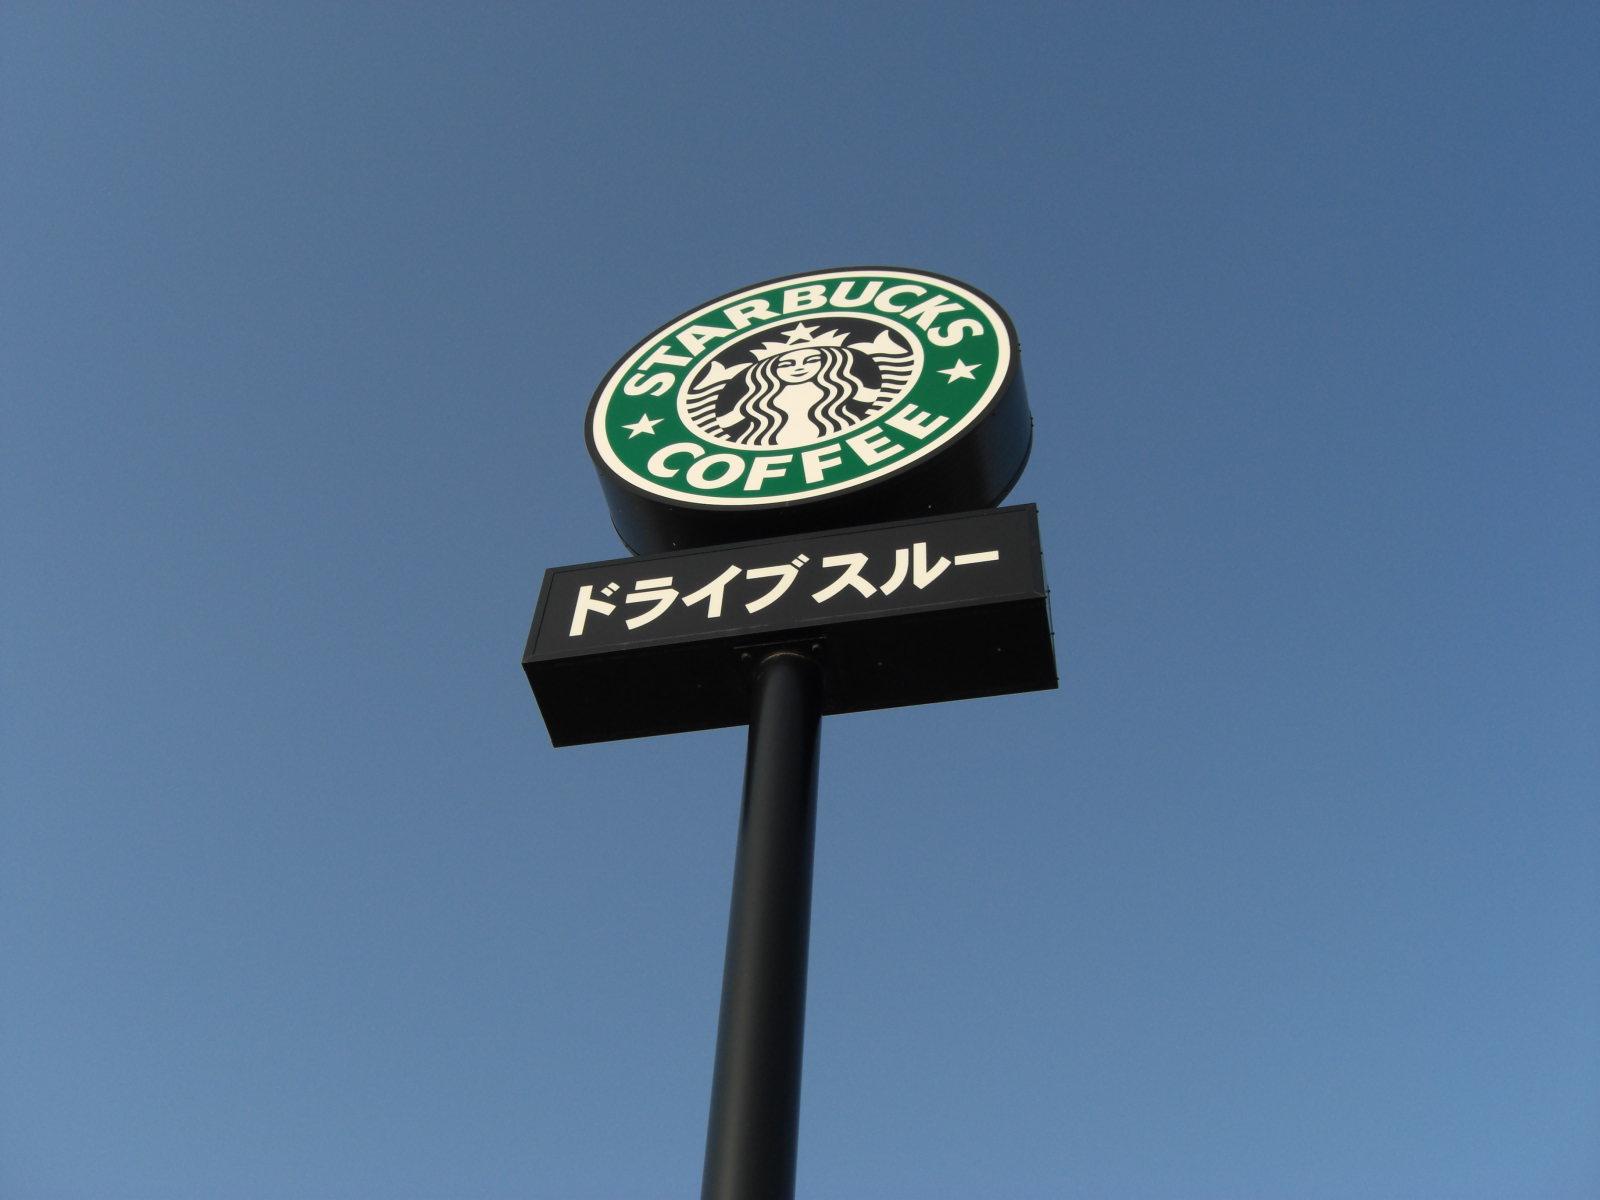 スターバックス・コーヒー 神戸上津台店